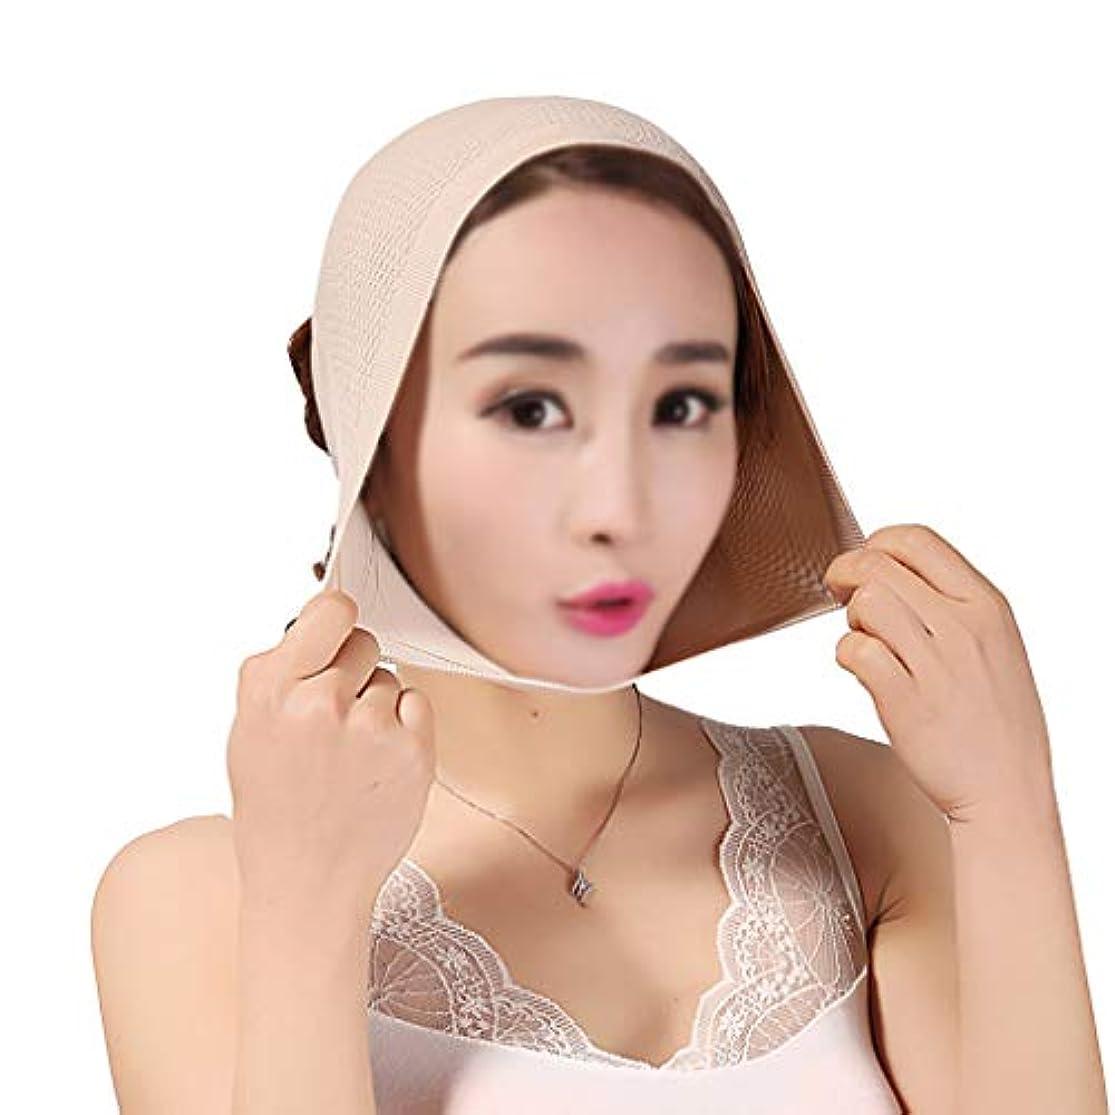 山岳ヘロイン炭素GLJJQMY 痩身ベルトマスク薄い顔のマスクの睡眠薄い顔の包帯の薄い顔のマスクの顔のアーティファクト小さなV顔のダブルチンリフト引き締め顔補正 顔用整形マスク